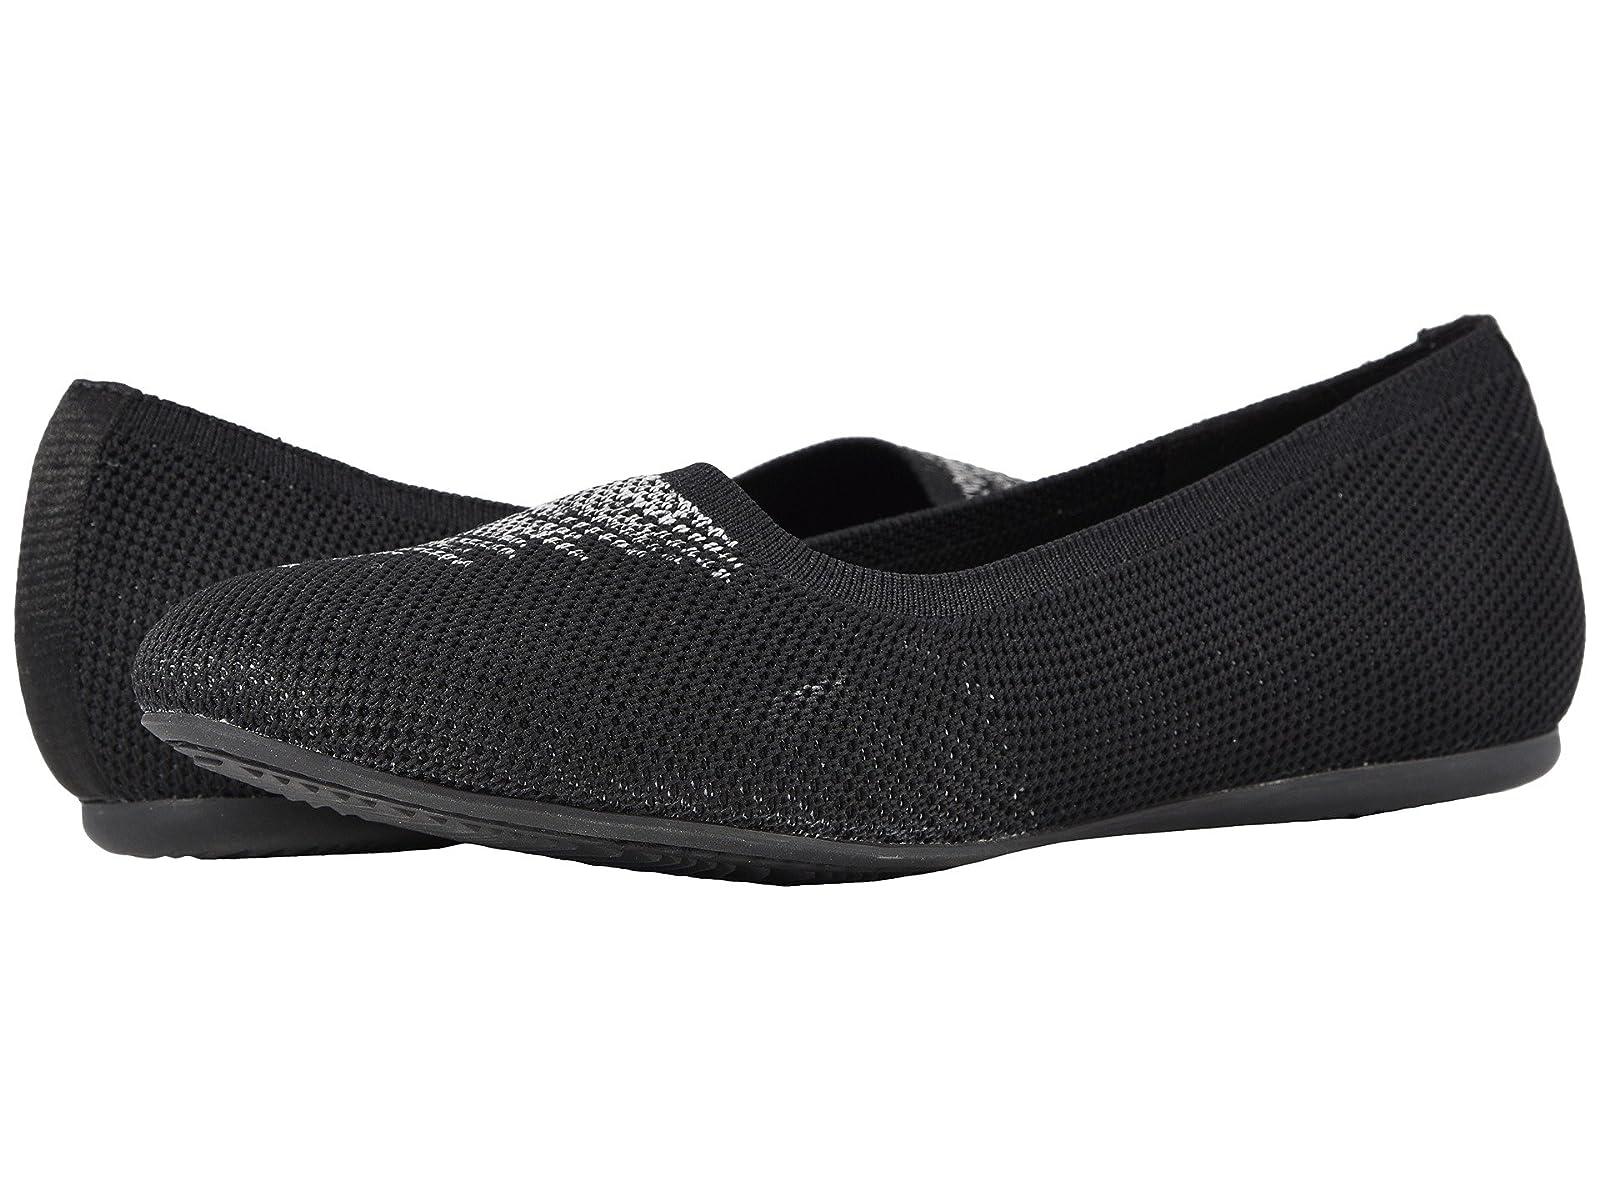 SoftWalk SicilyAtmospheric grades have affordable shoes